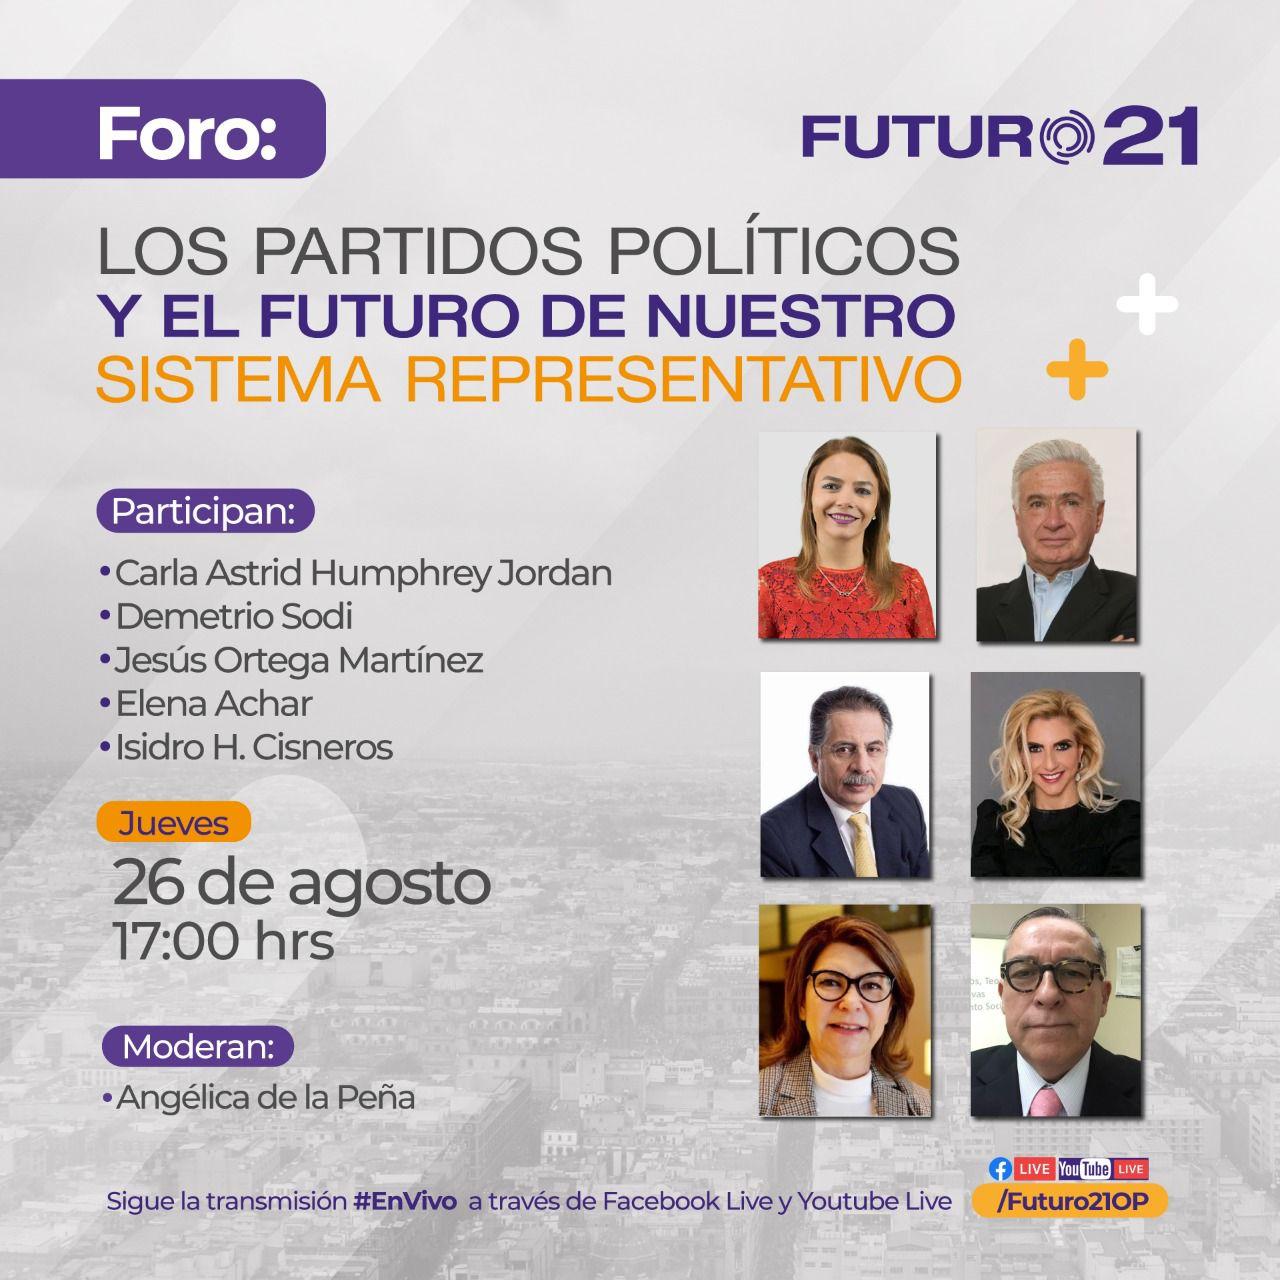 Los partidos políticos y el futuro de nuestro sistema representativo